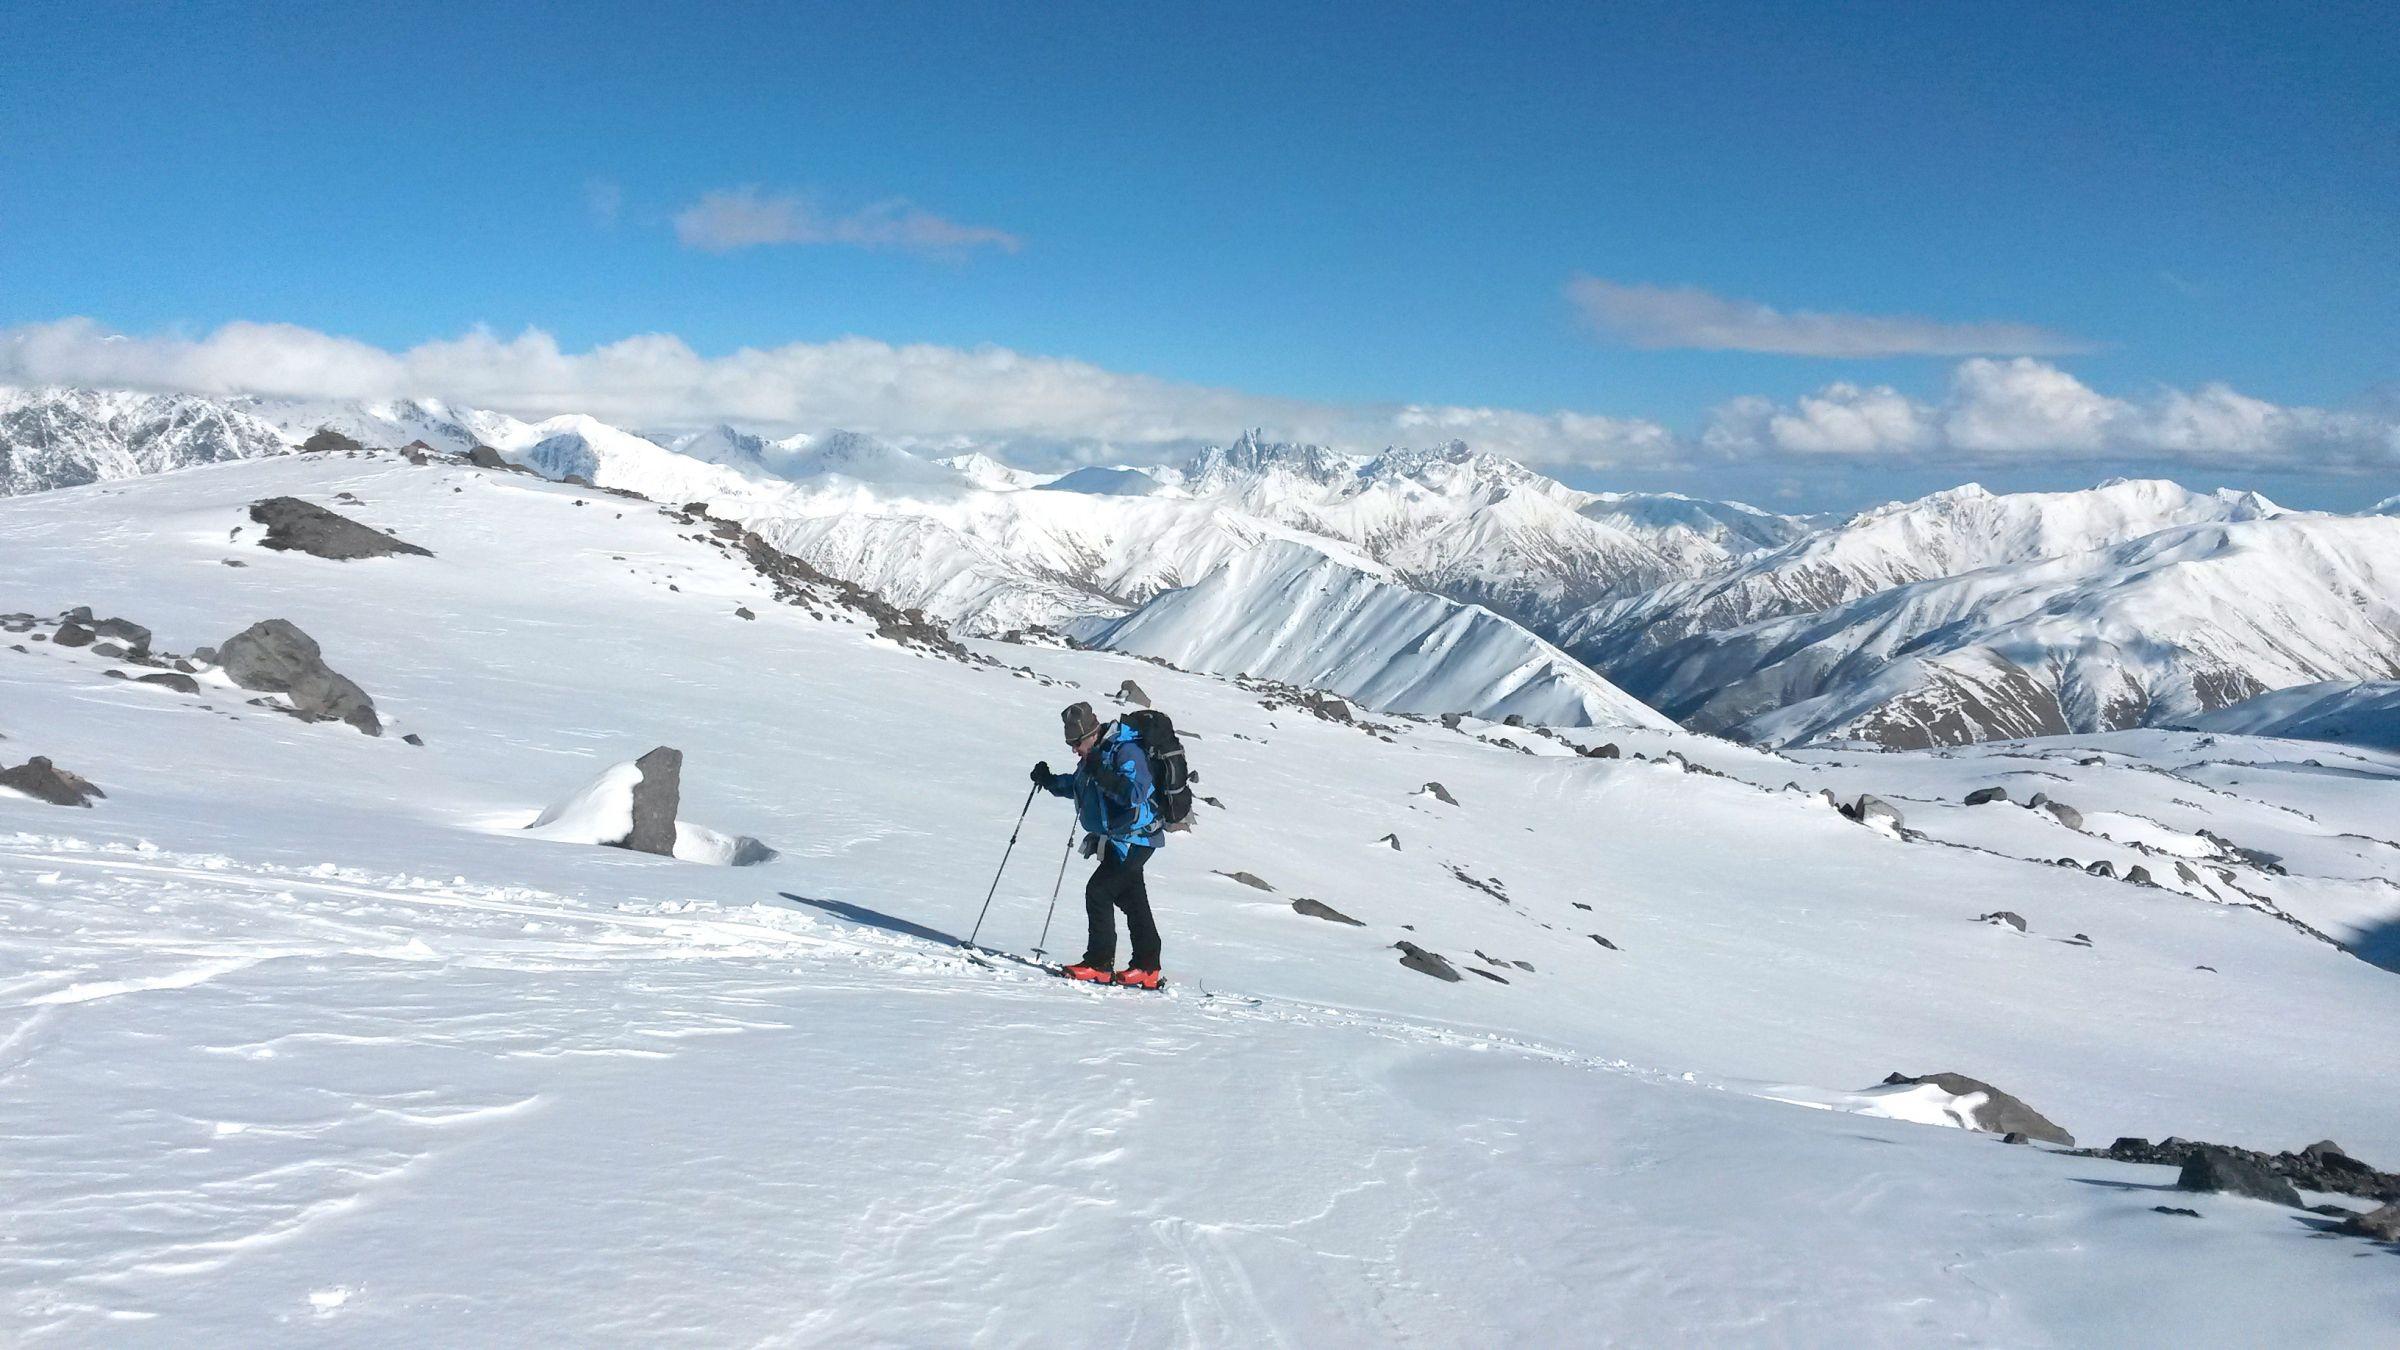 Ски-тур на Казбеке: экипировка